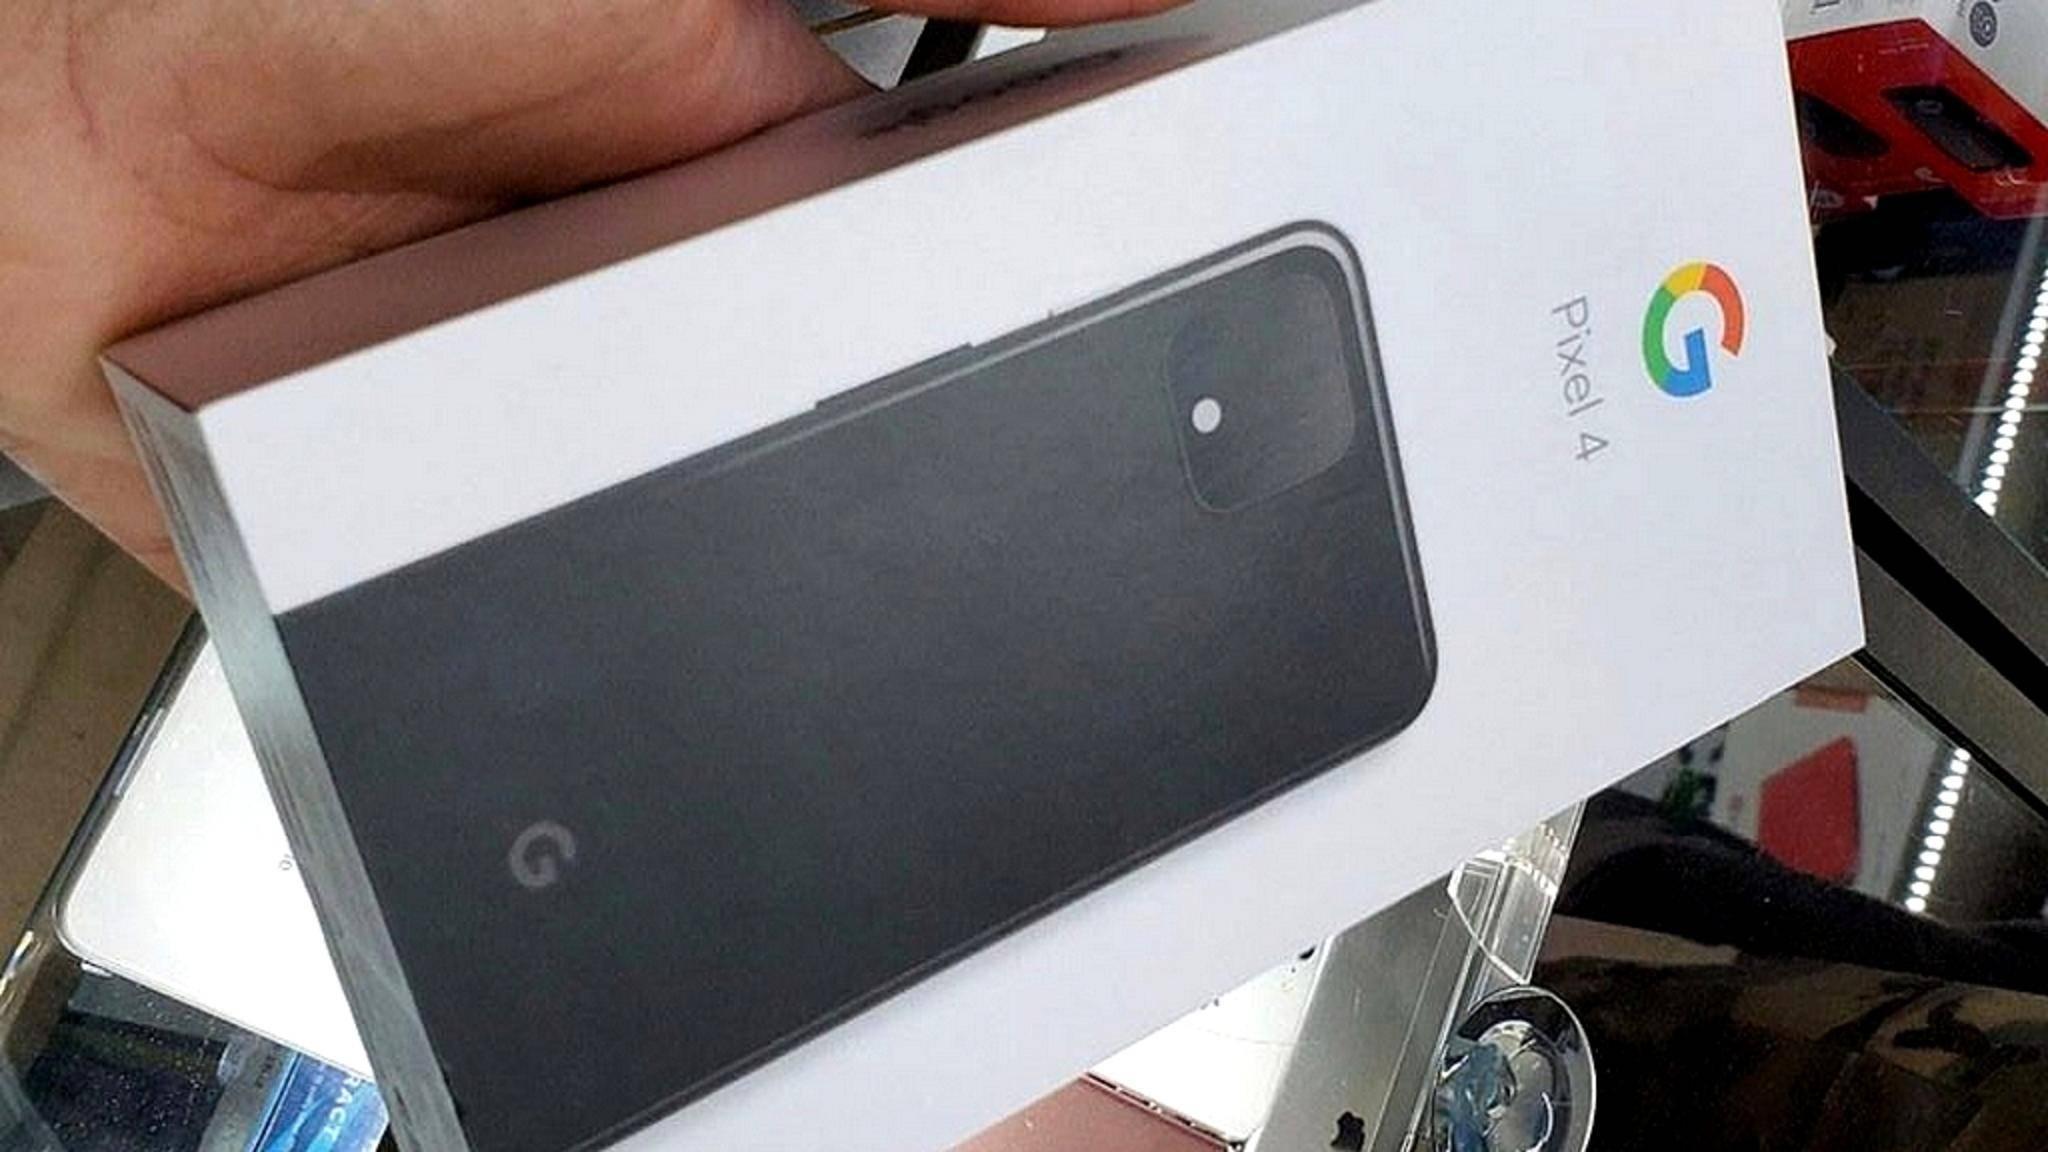 Auch die Verpackung des Pixel 4 ist mittlerweile im Netz aufgetaucht.